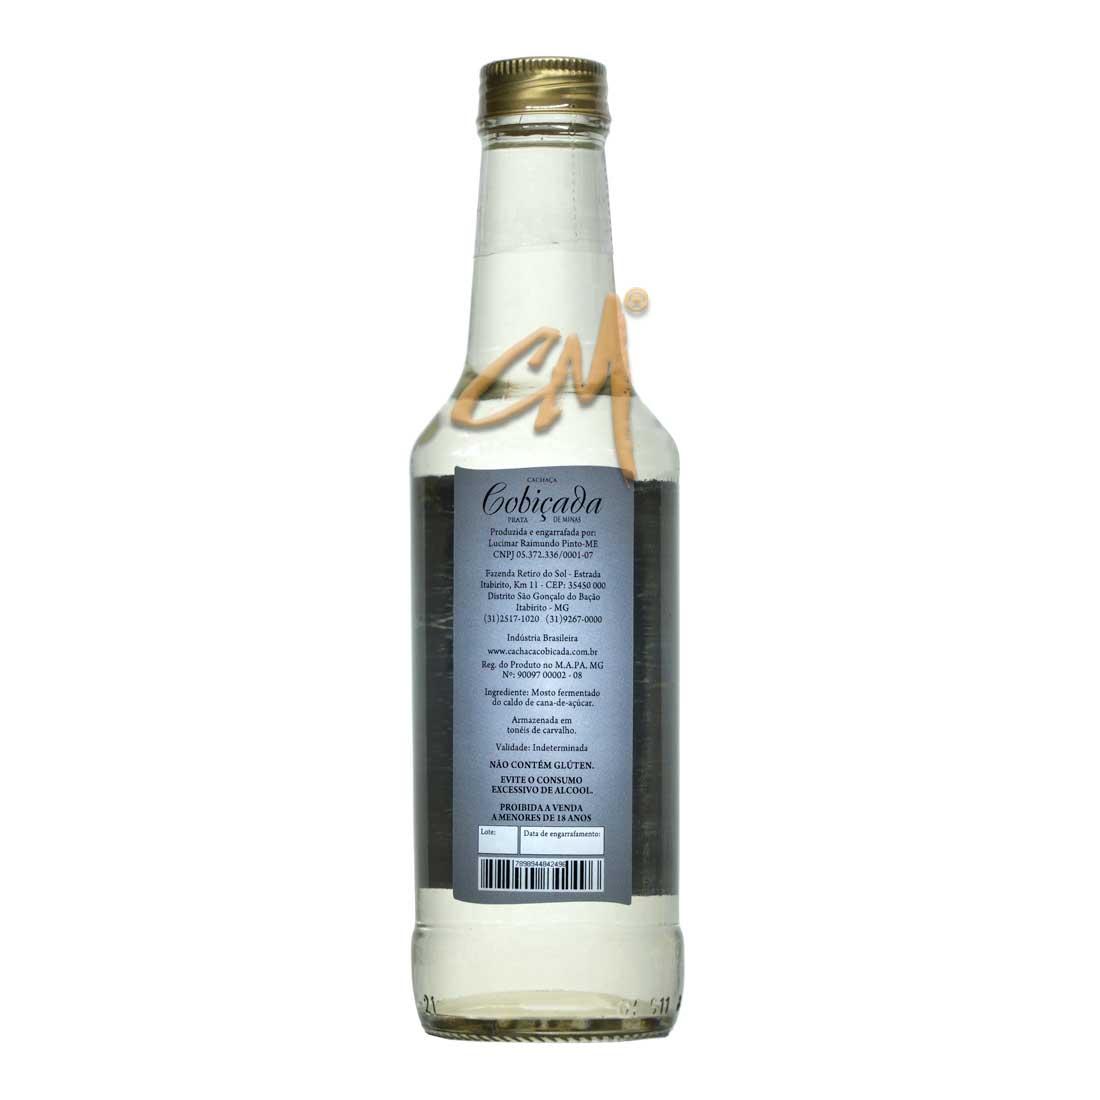 Cachaça Cobiçada Prata 275 ml (São Gonçalo do Bação - MG)